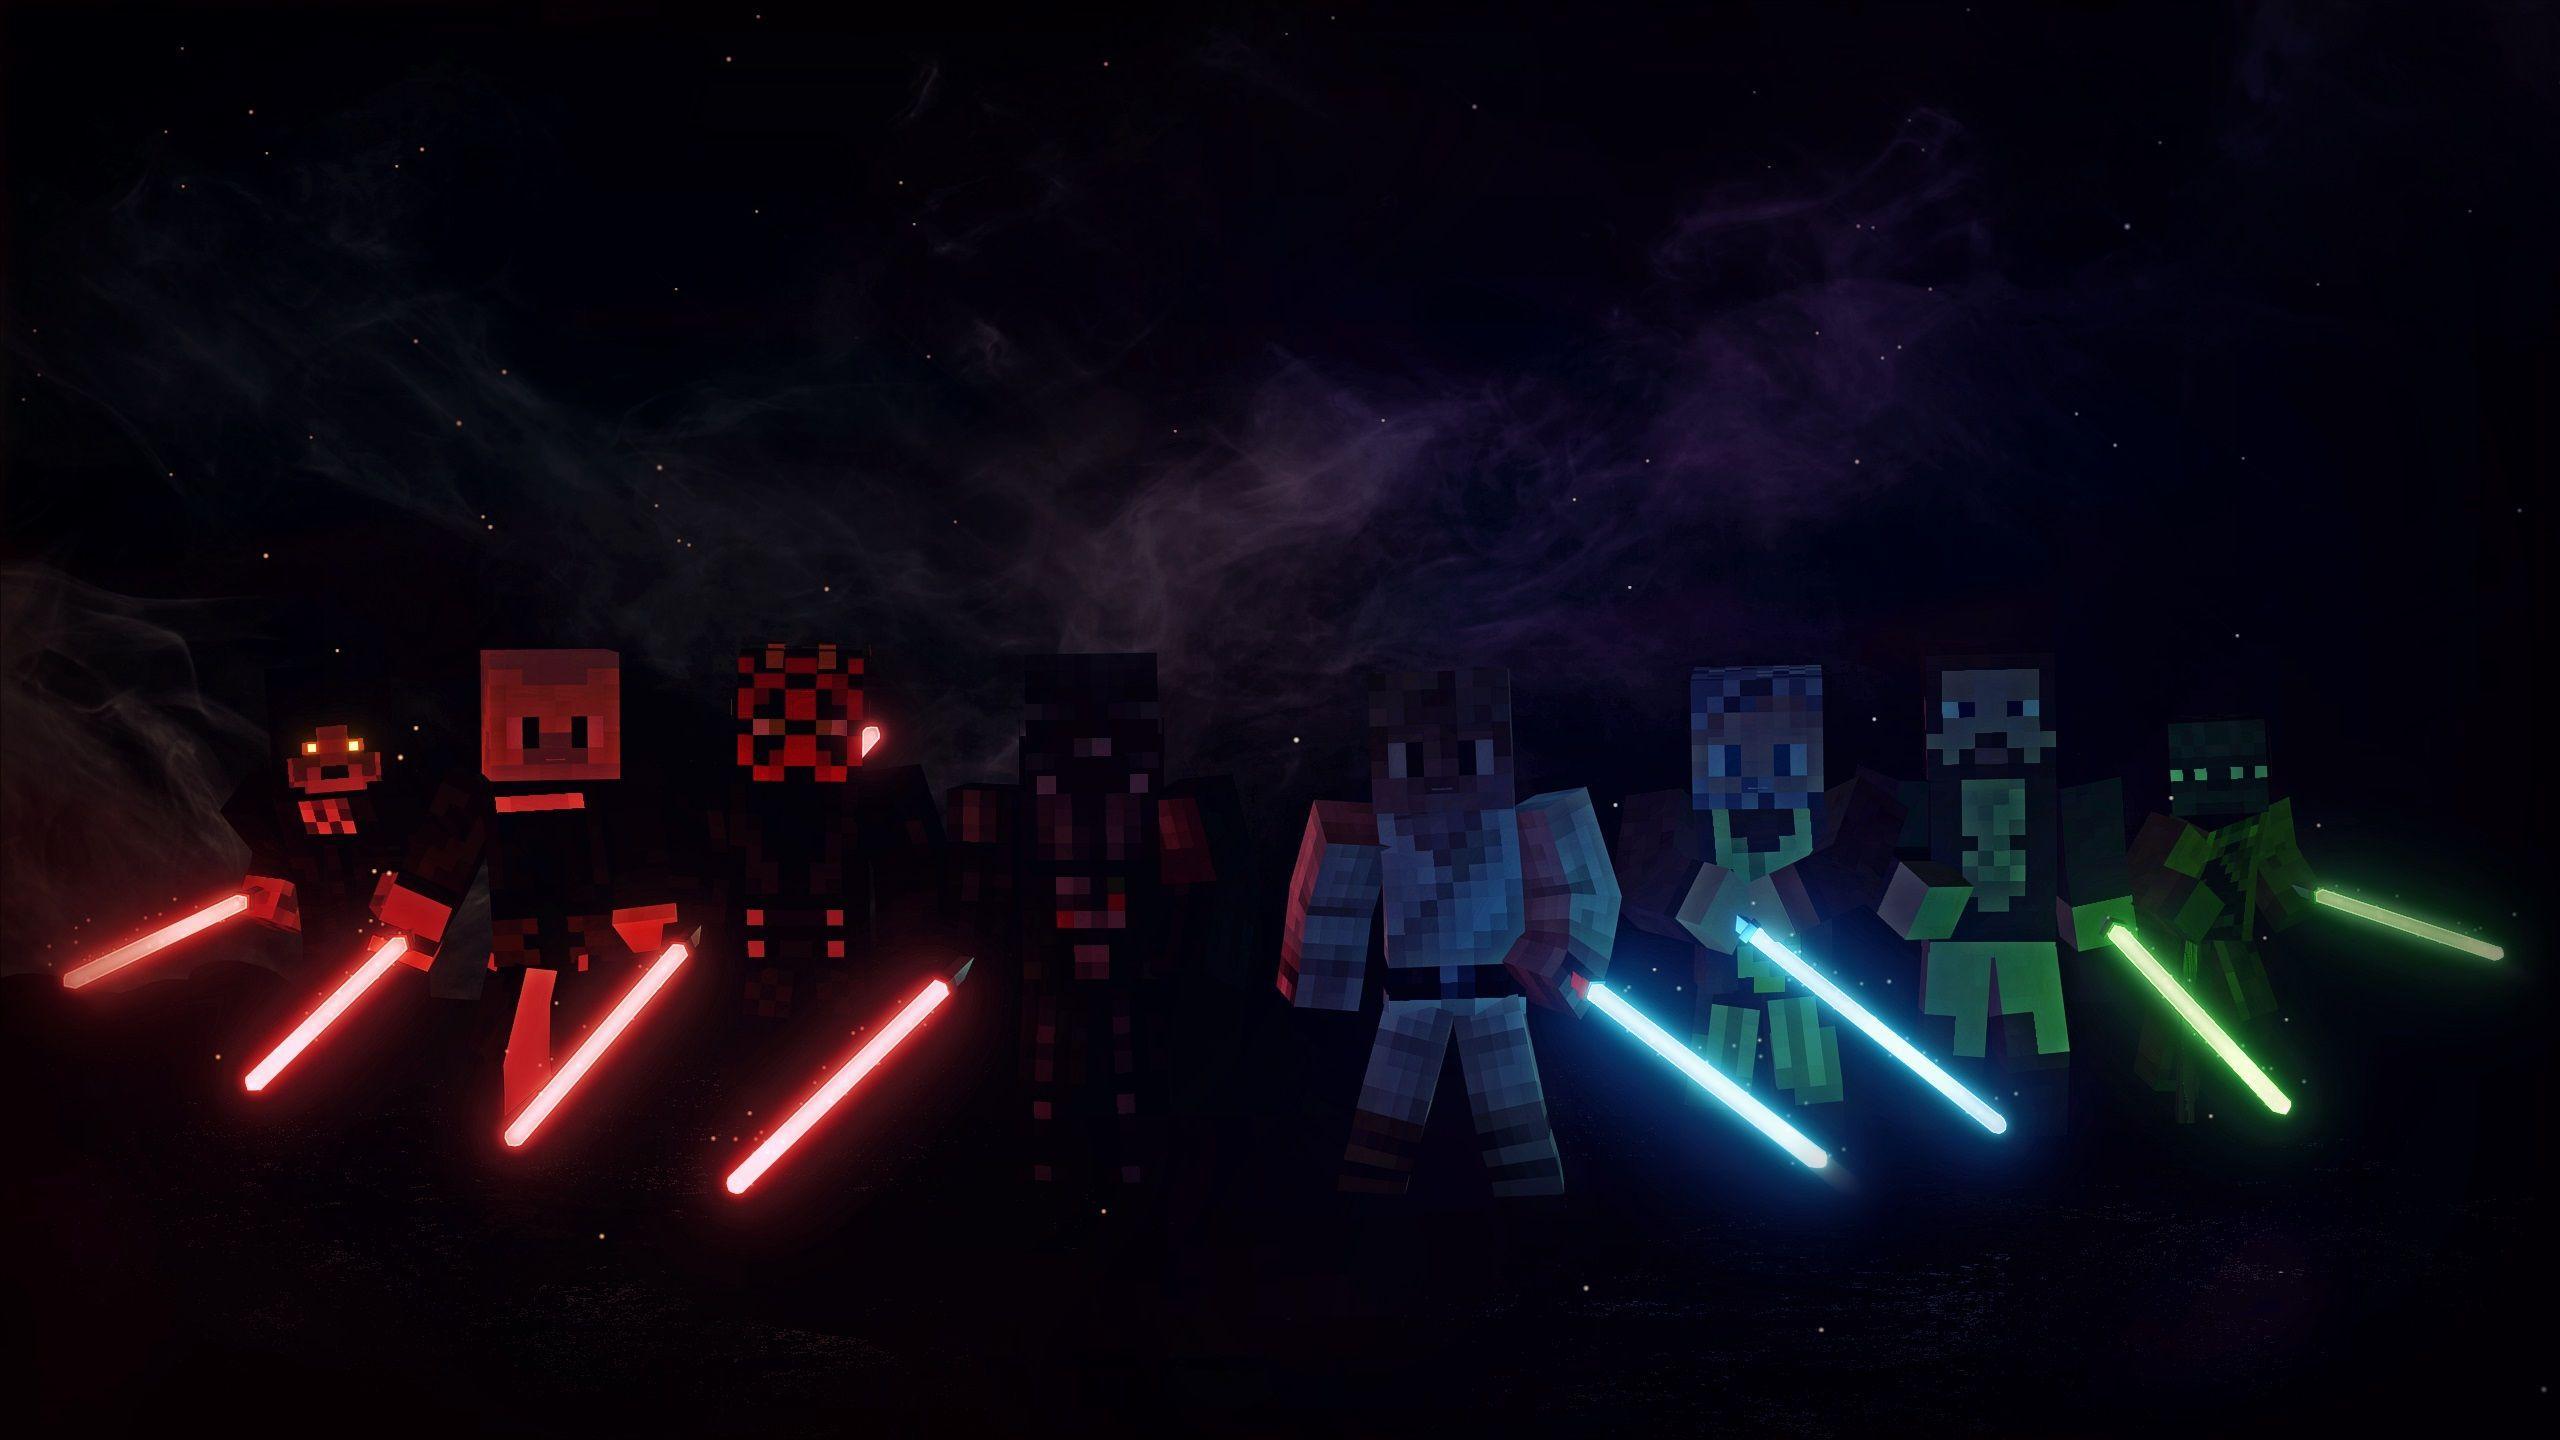 Minecraft Star Wars Wallpapers Top Free Minecraft Star Wars